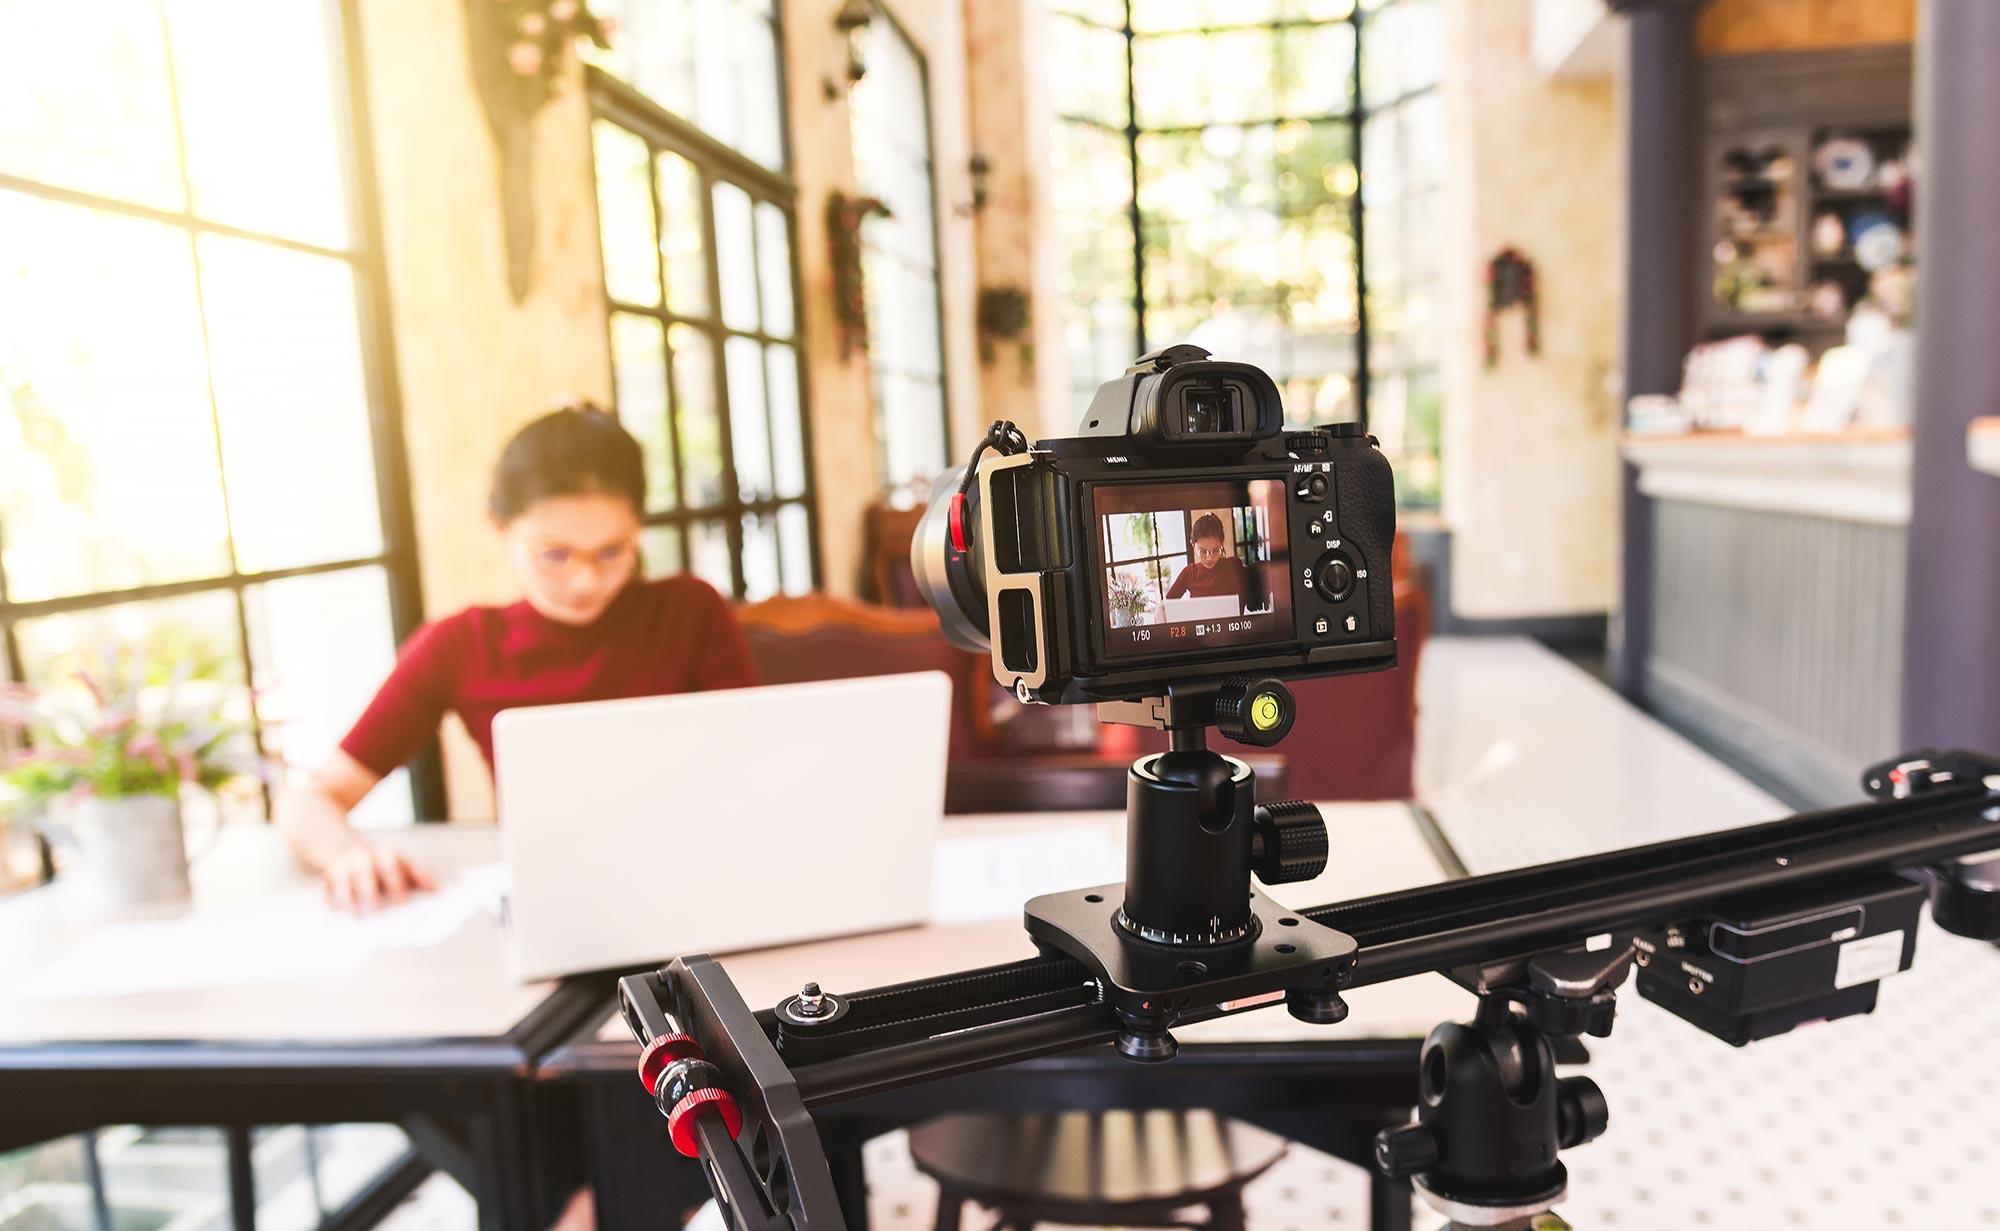 Production vidéo : vidéo virale, réseaux sociaux